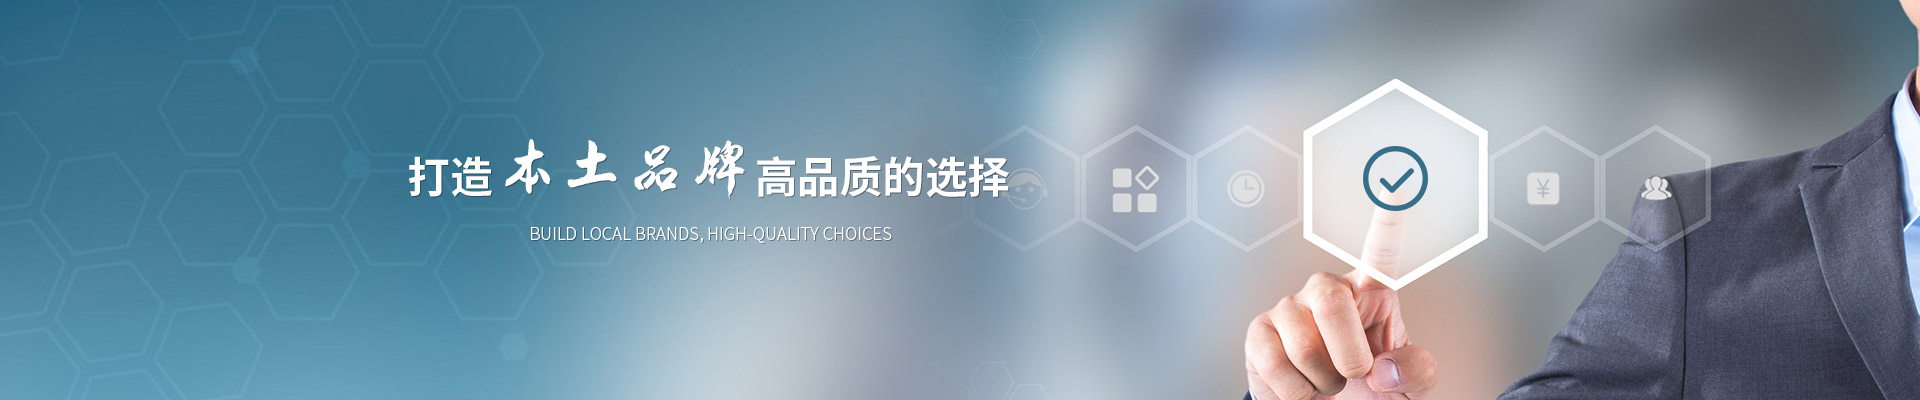 青岛创斯特信息科技有限公司